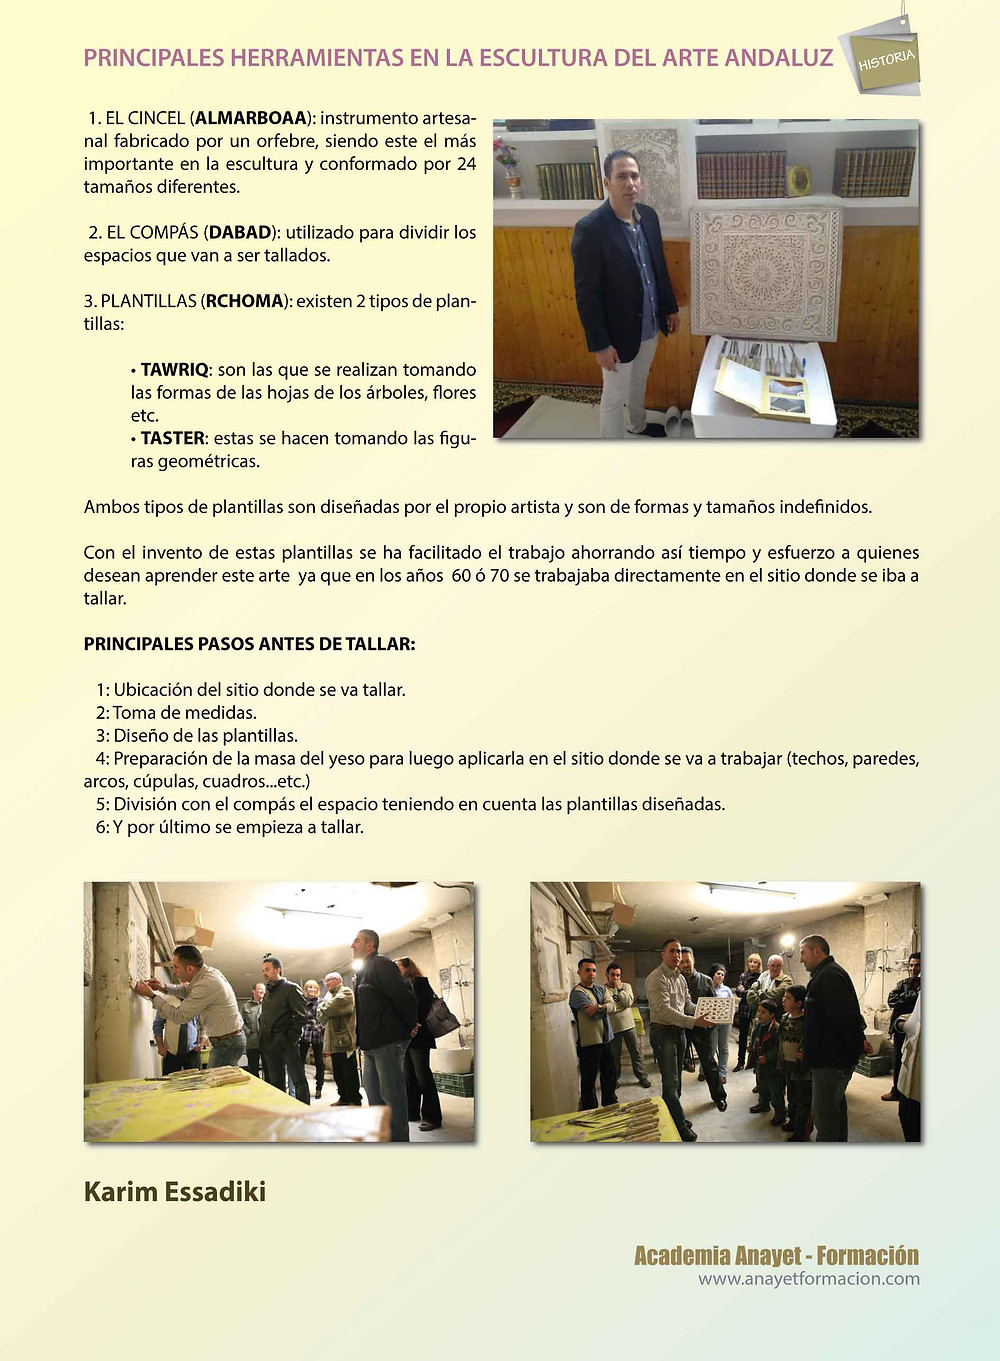 PRINCIPALES HERRAMIENTAS  Y PASOS EN LA ESCULTURA DEL ARTE ANDALUZ